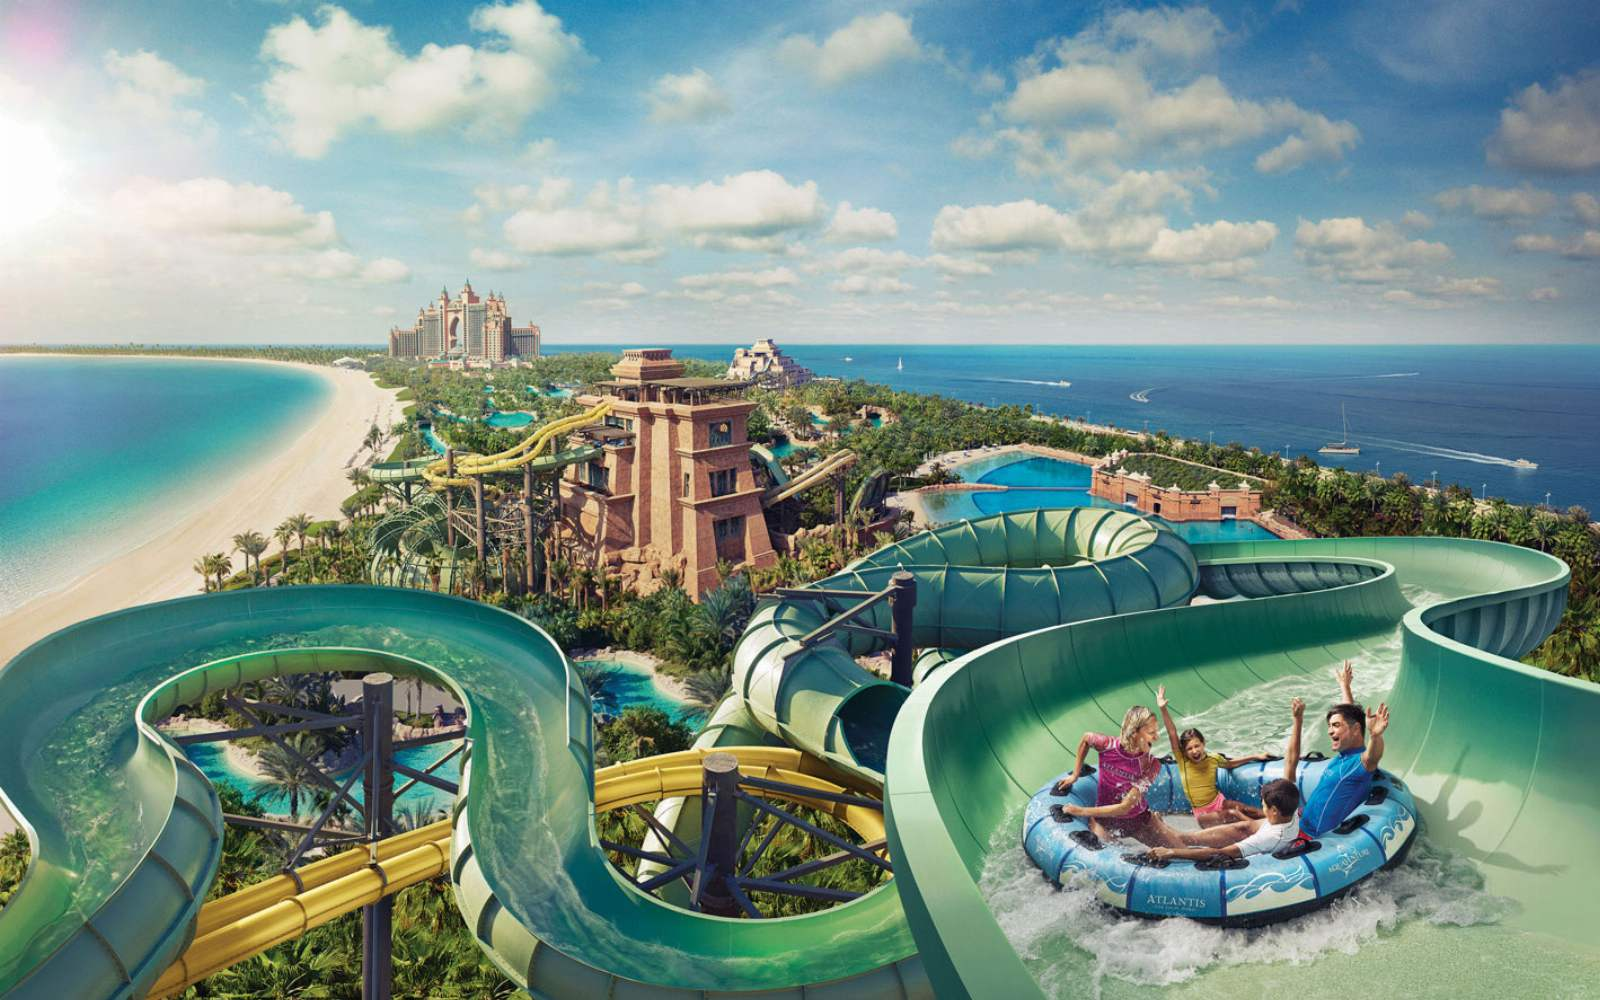 Atlantis, The Palm - Tower of Poseidon